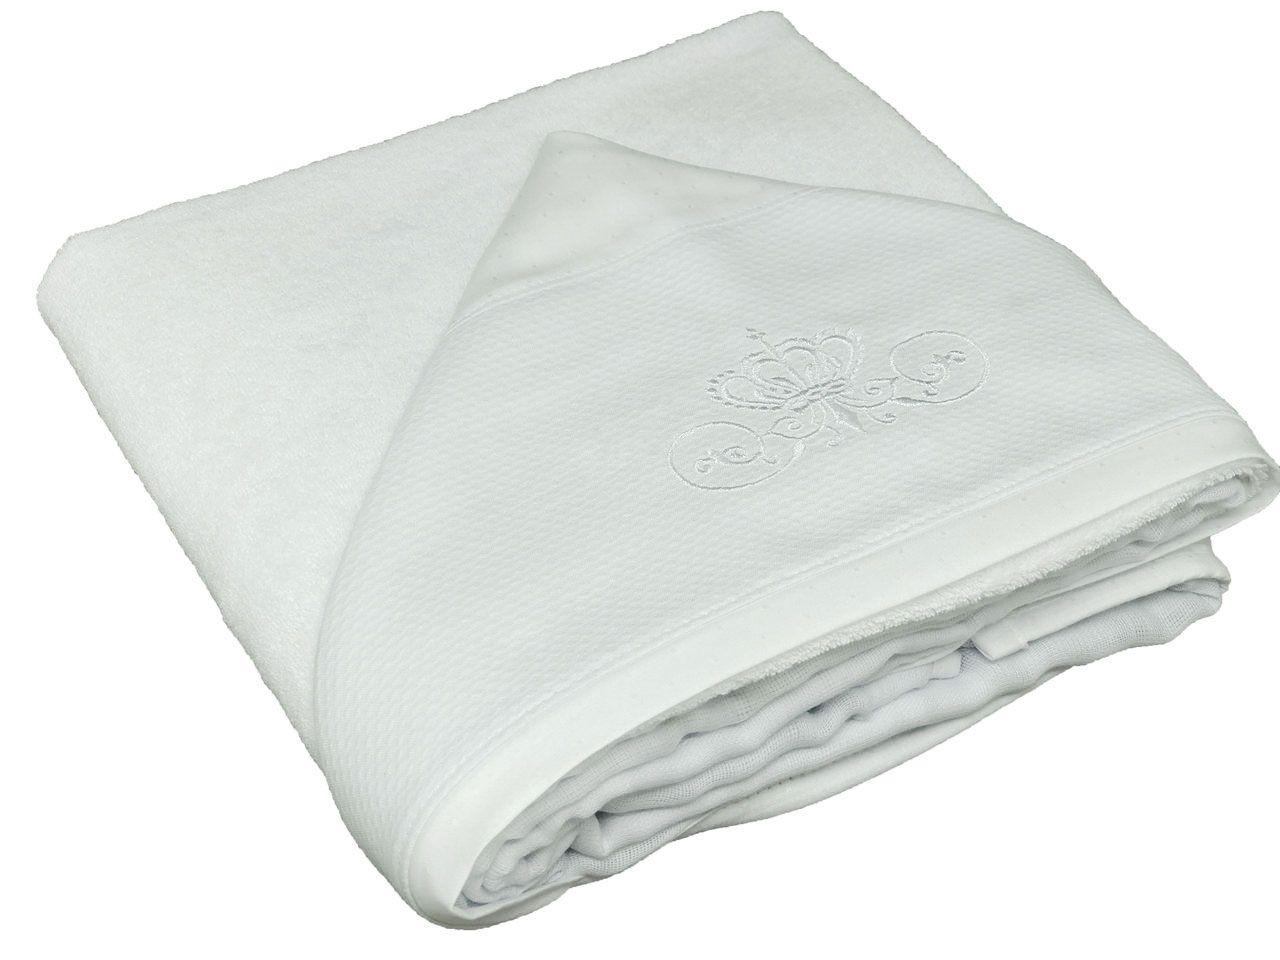 Toalha de Banho Capuz Branca